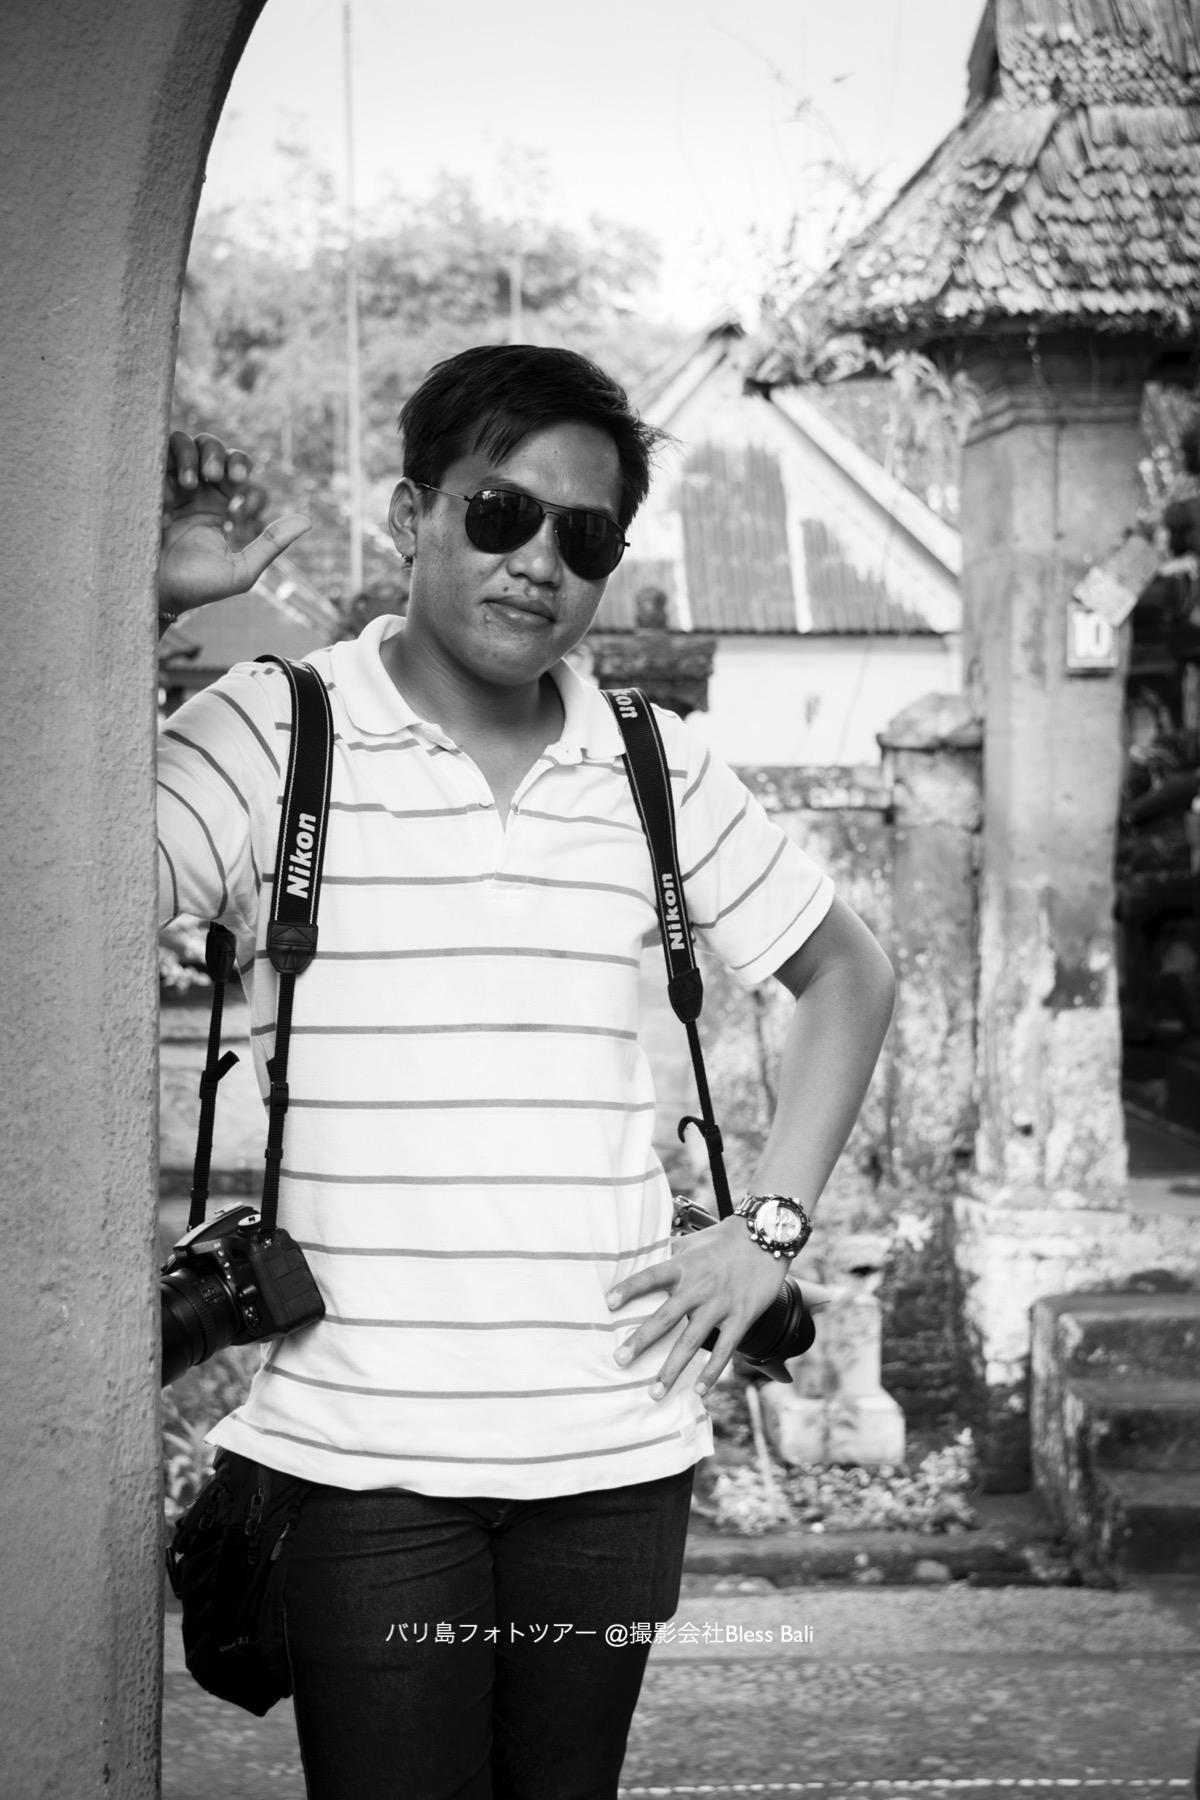 バリ人カメラマンのプトゥ